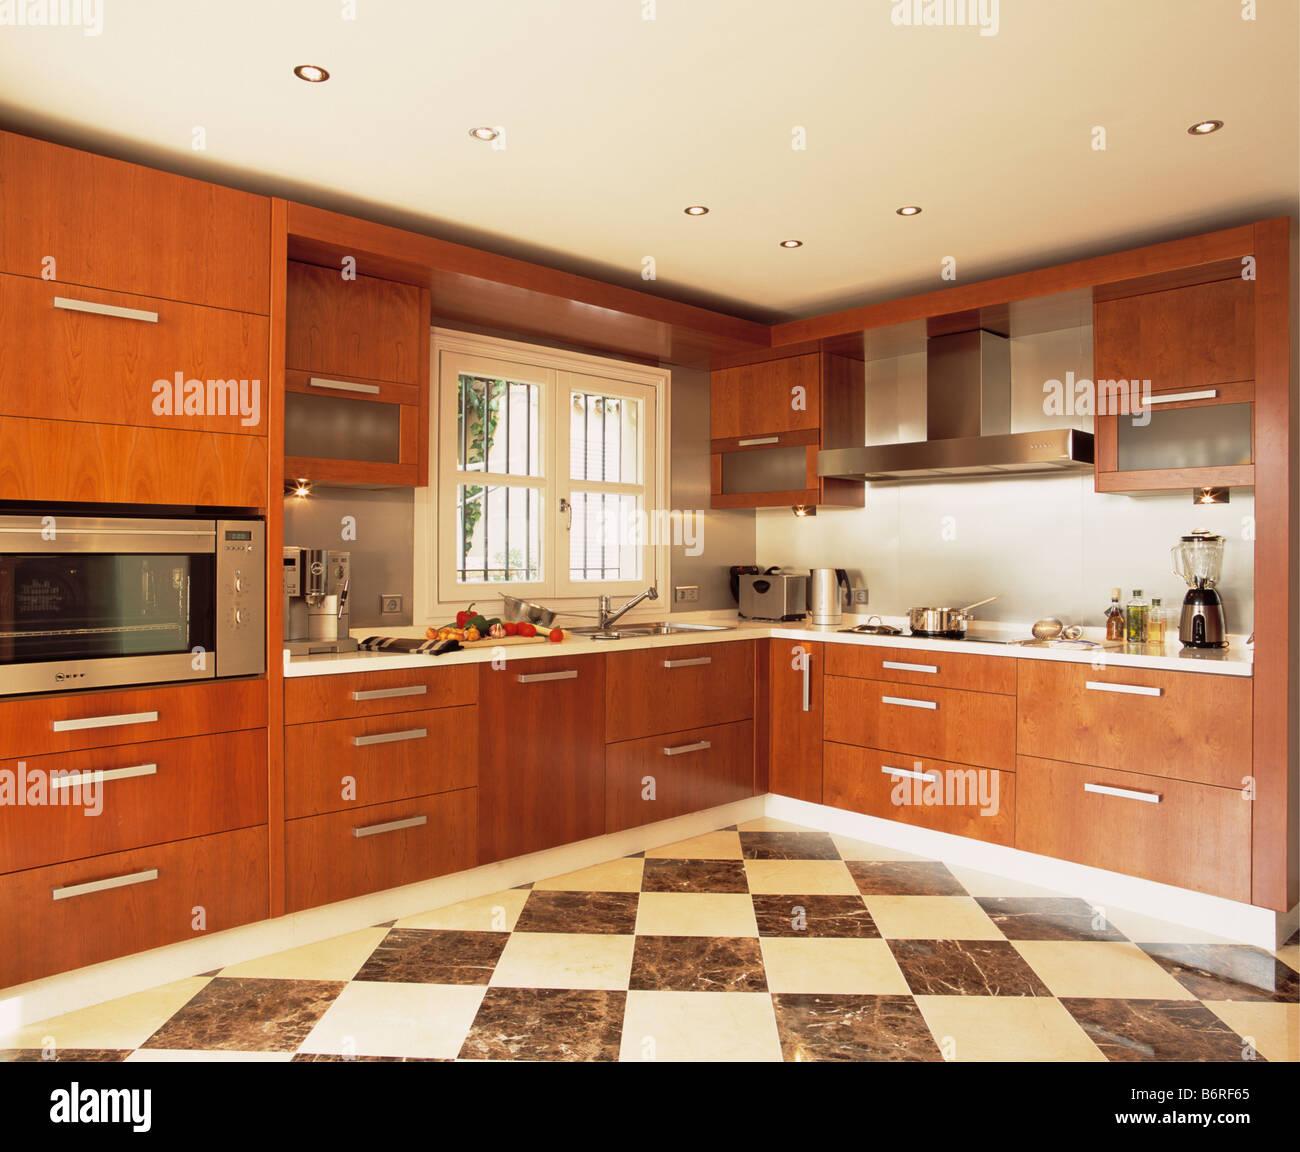 Bianco e nero chequerboard pavimentazione in cucina moderna ...